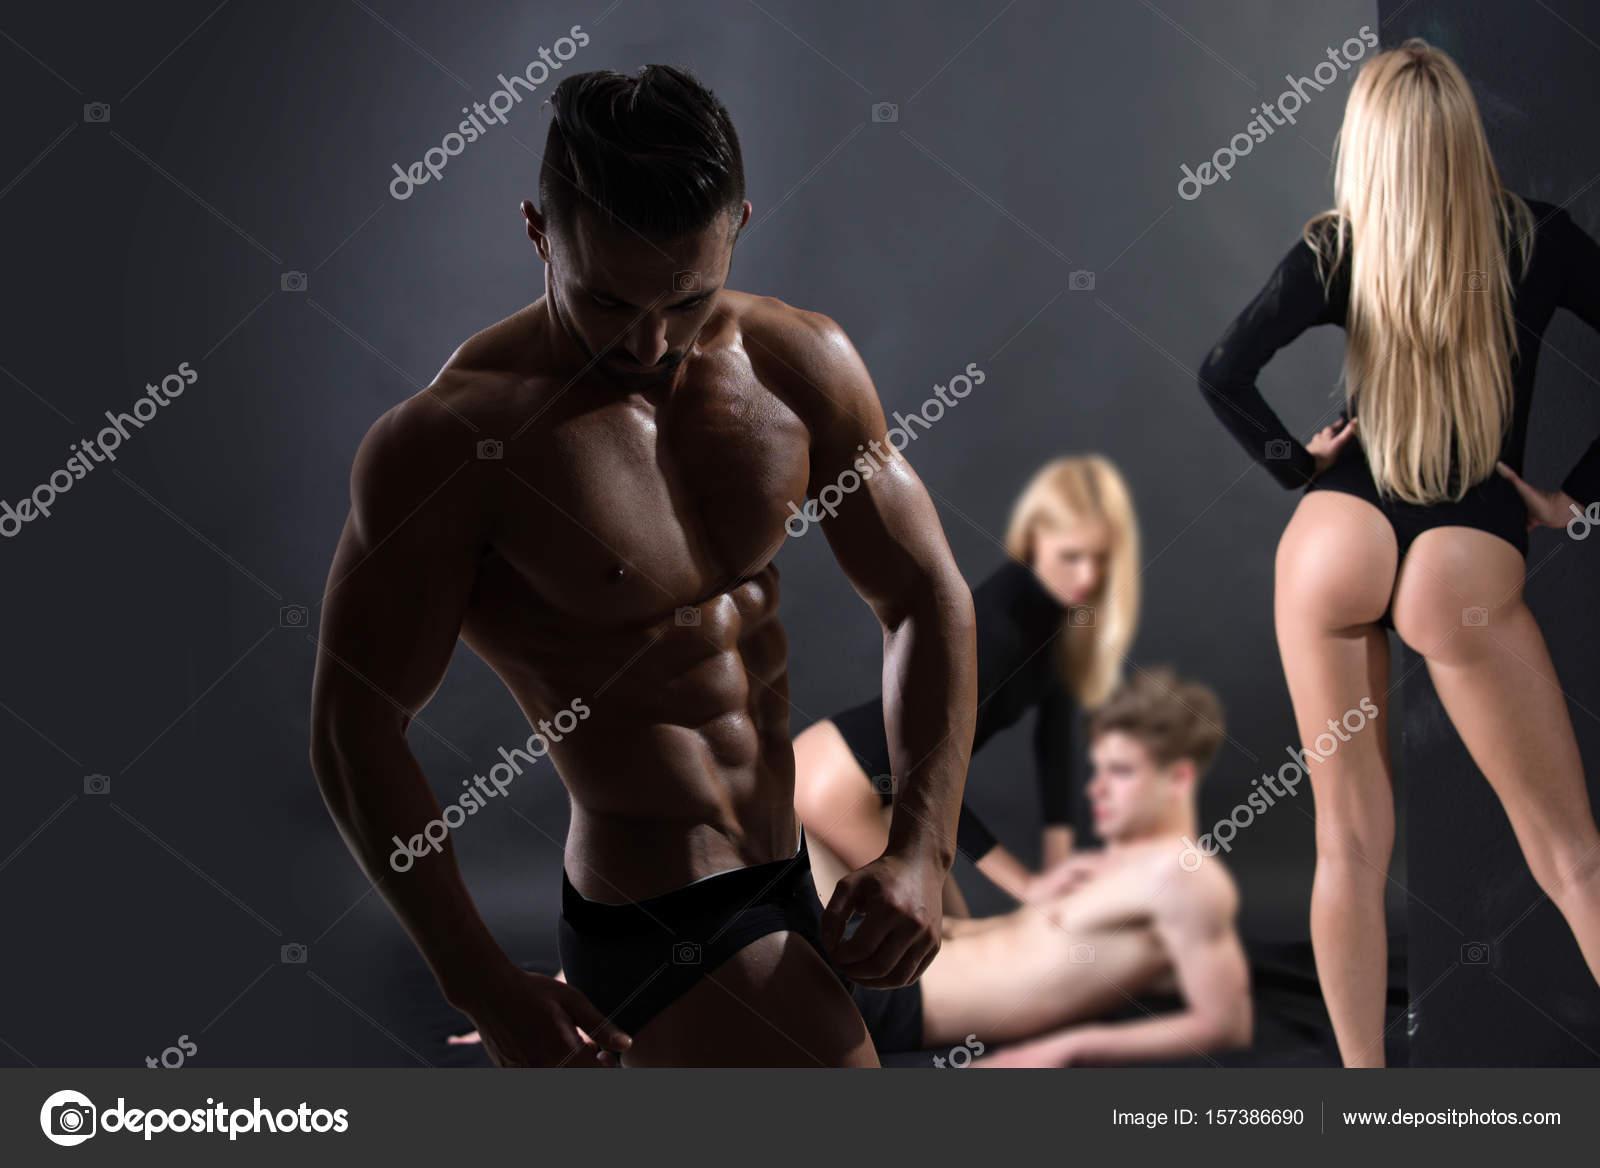 zwarte tweeling lesbiennes pornos cratis